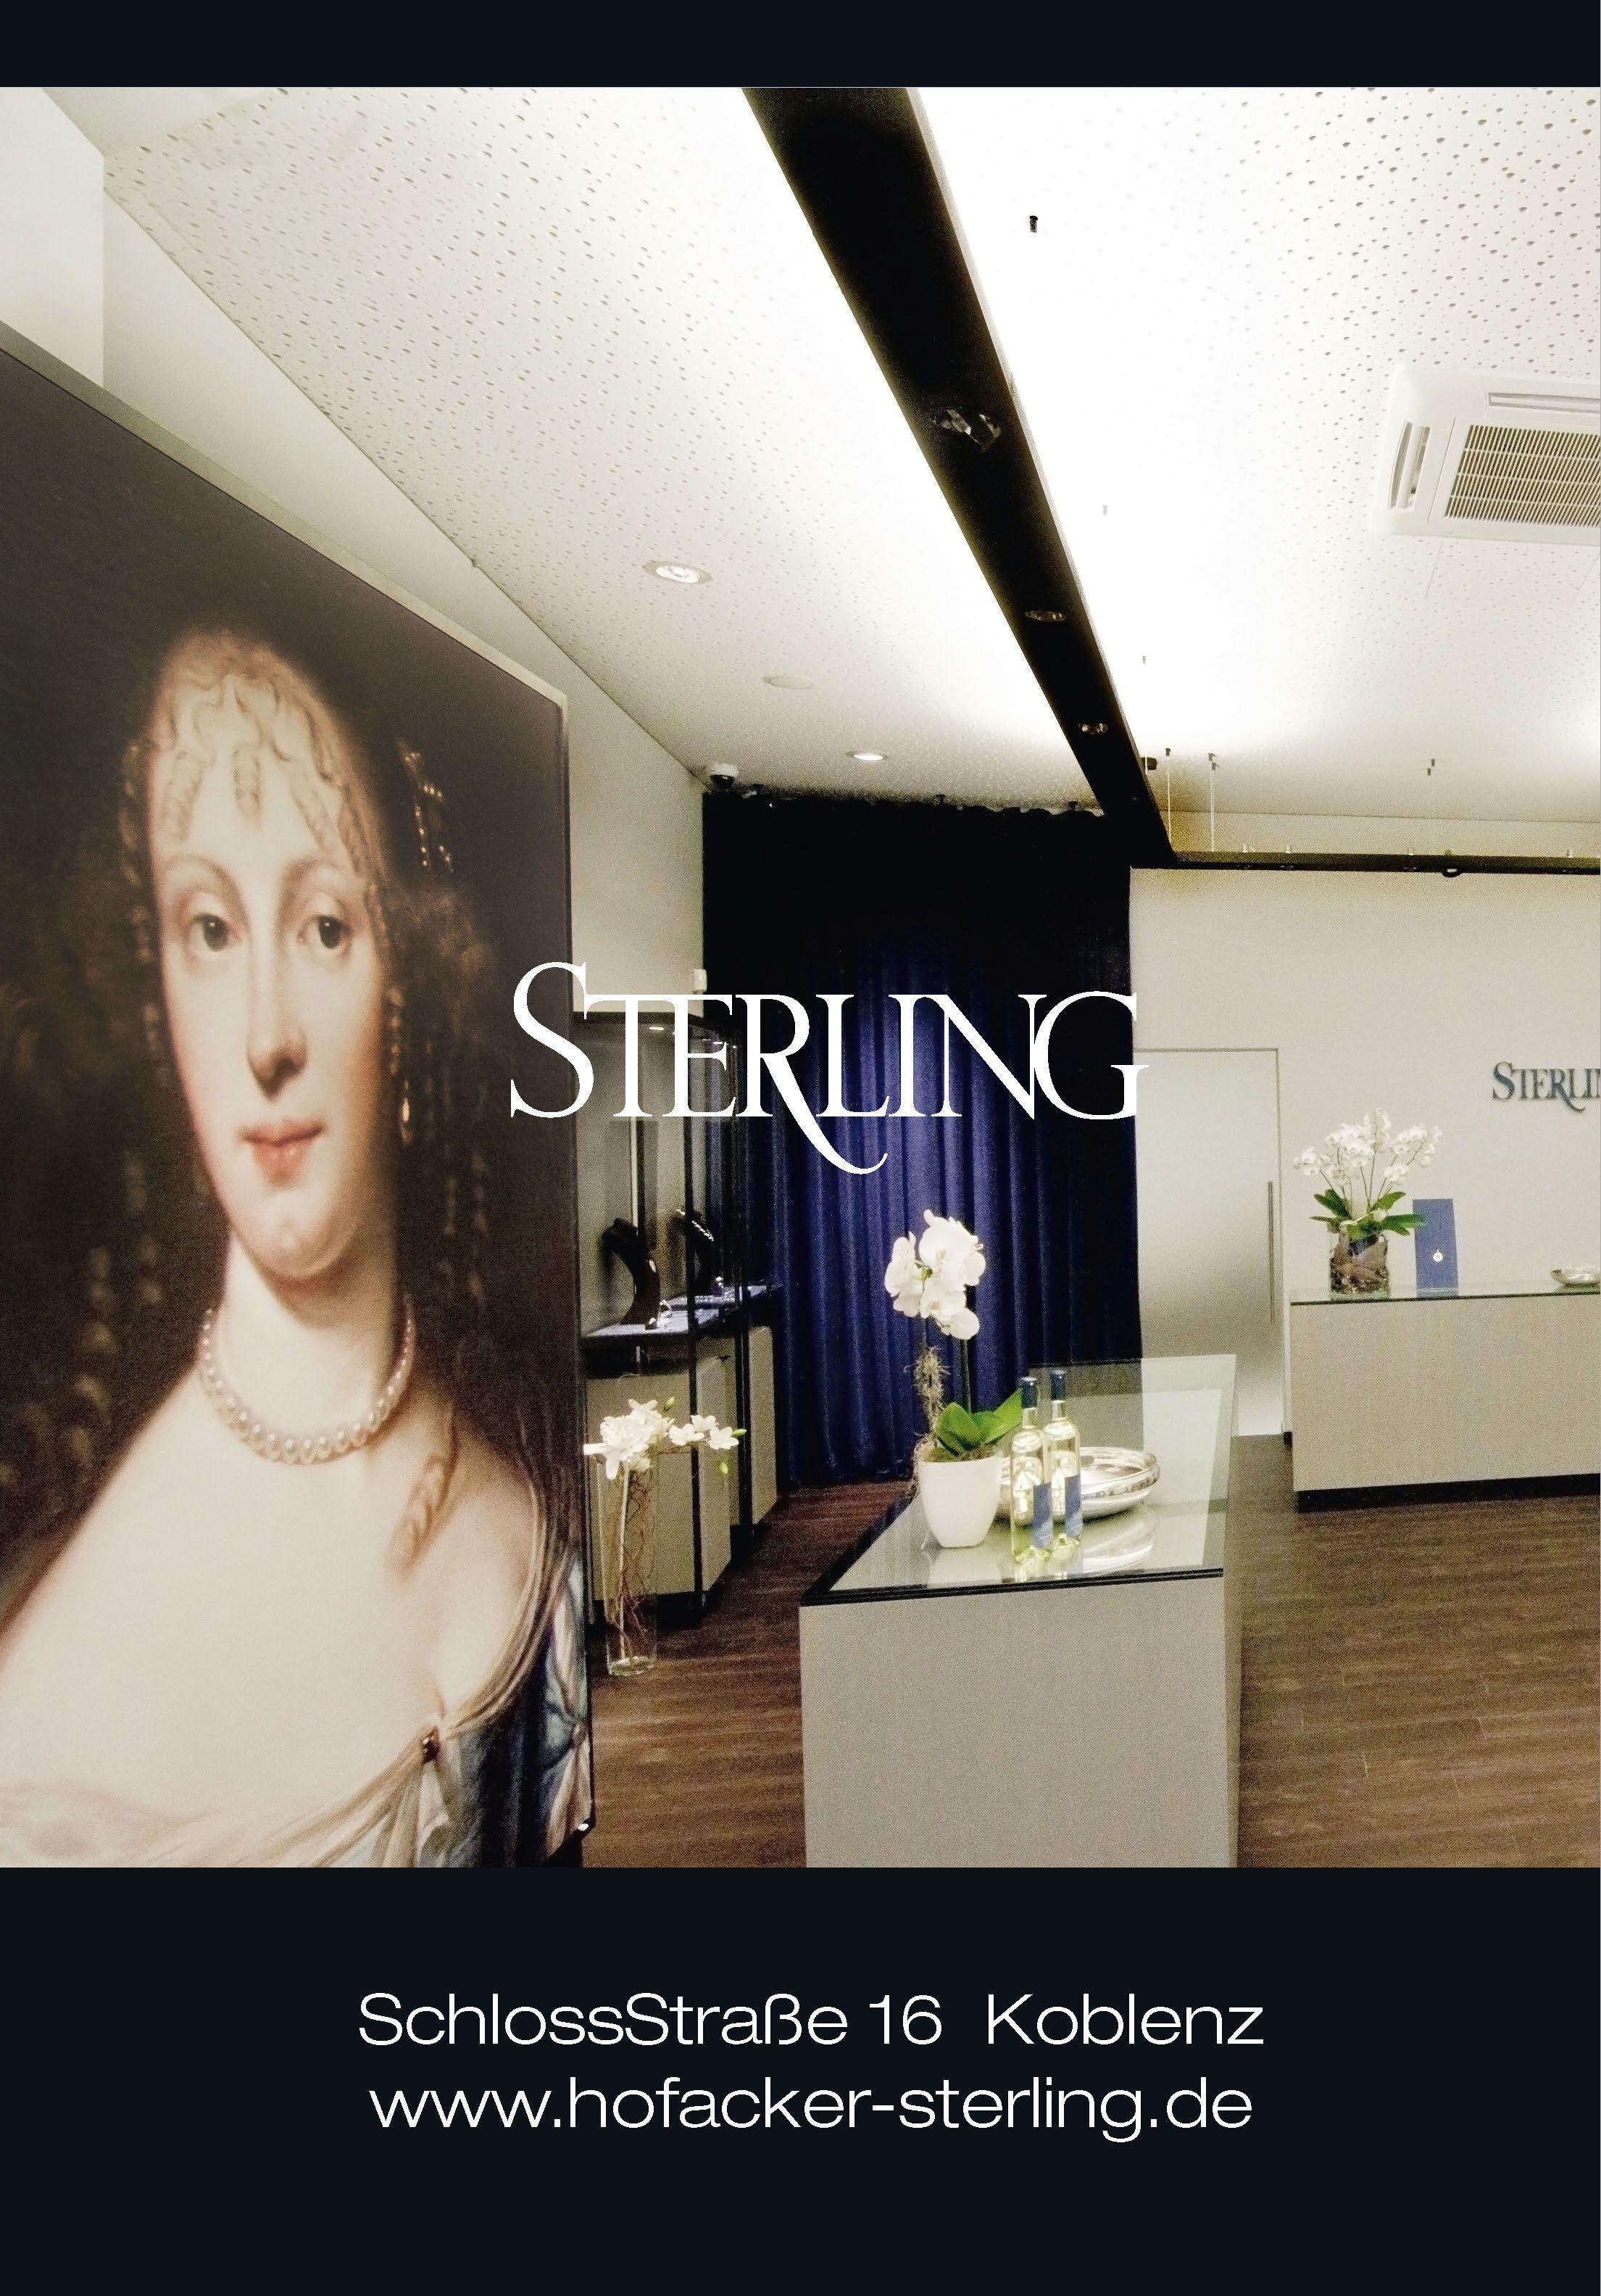 Mit der Neugründung der Marke Hofacker Sterling möchten wir den Rahmen des Herkömmlichen sprengen. Objekte von überzeugender Qualität, modische Glanzlichter zum sportlichen Outfit. Kette von Meisterhand gefertigt aus 925er Sterling.